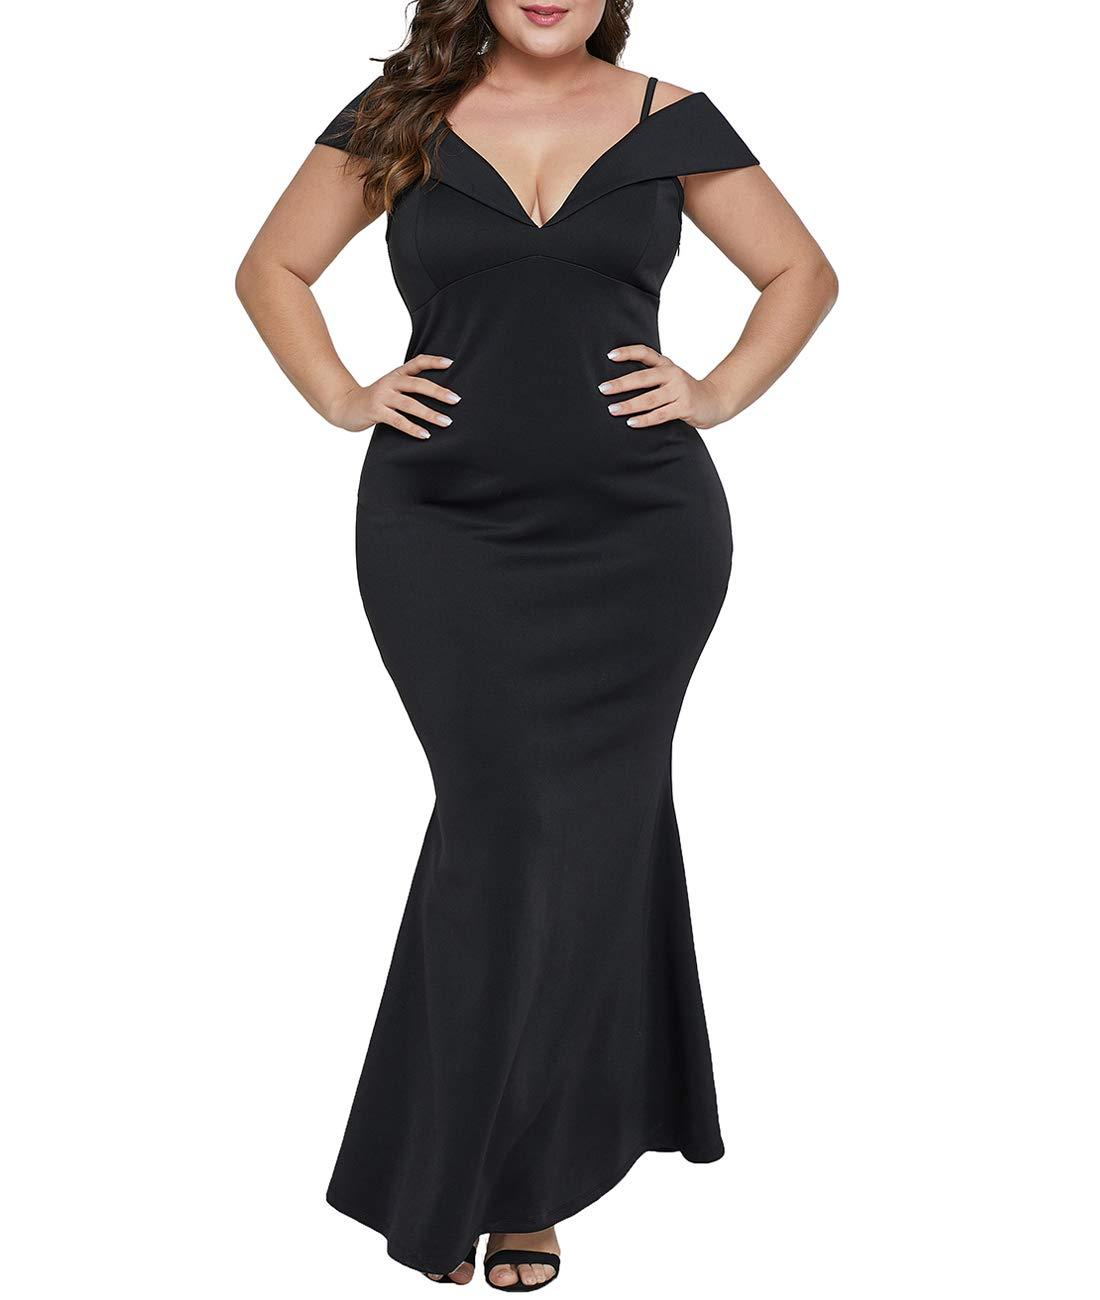 c6788a62986 Lalagen Womens Plus Size Off Shoulder V Neck Long Evening Party Maxi Dress  Black 4X